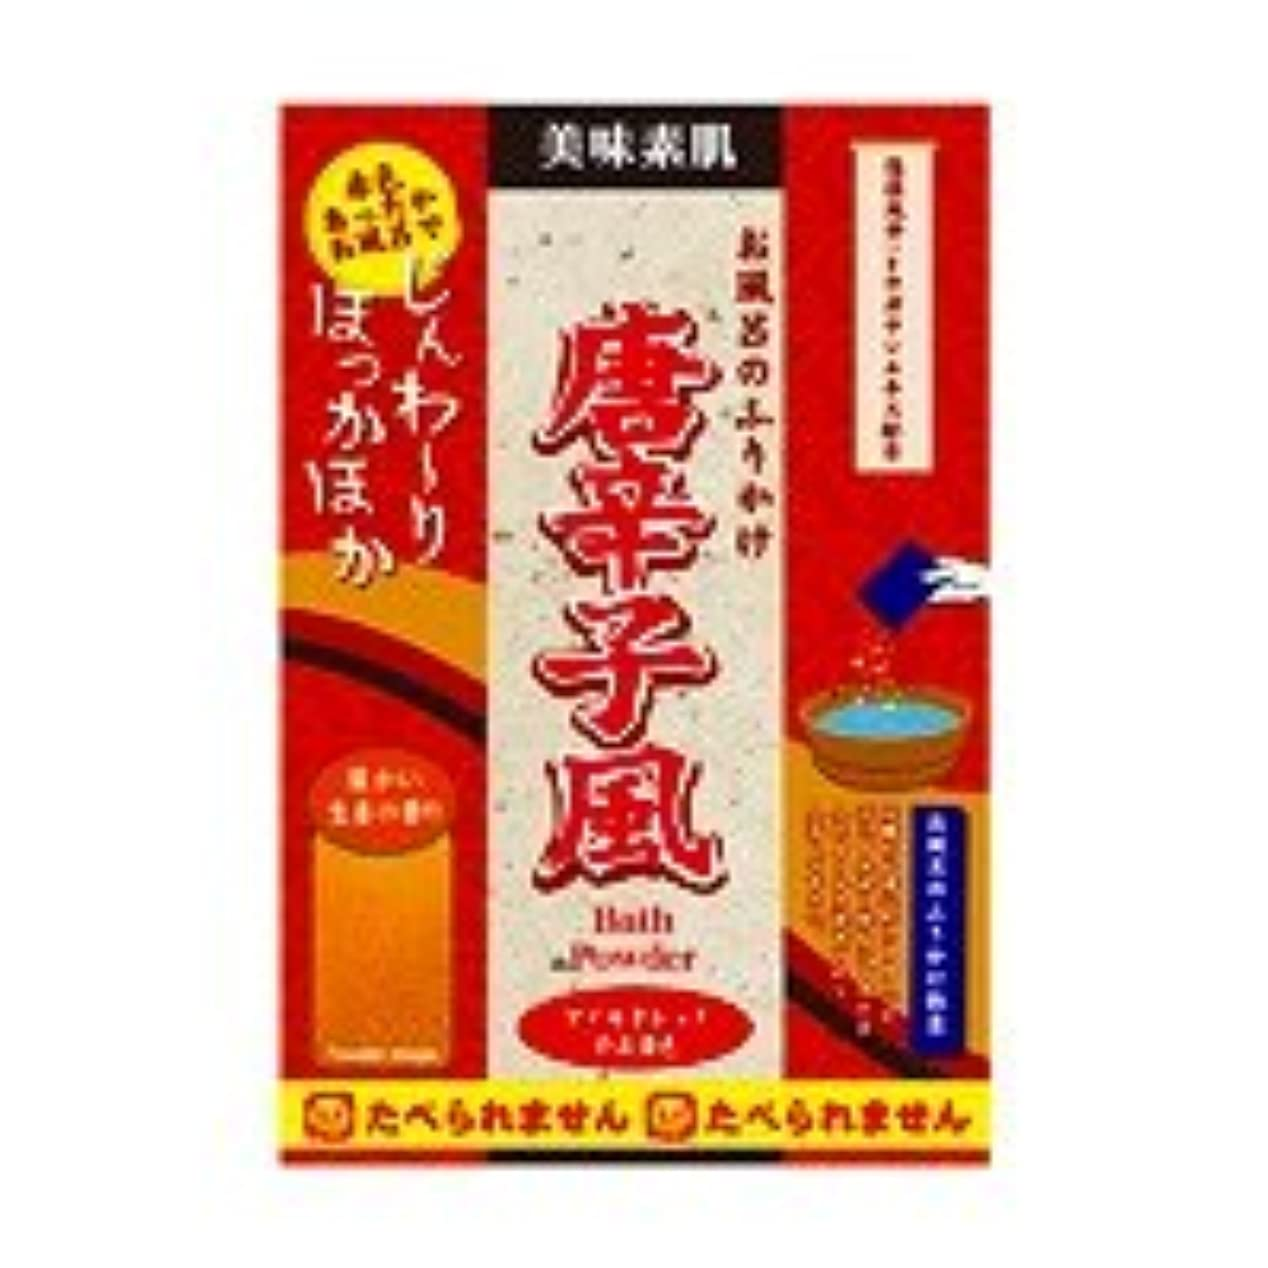 考古学蜜センチメートルお風呂のふりかけ「トウガラシ」12個セット マイルドレッドのお湯 温かい生姜の香り